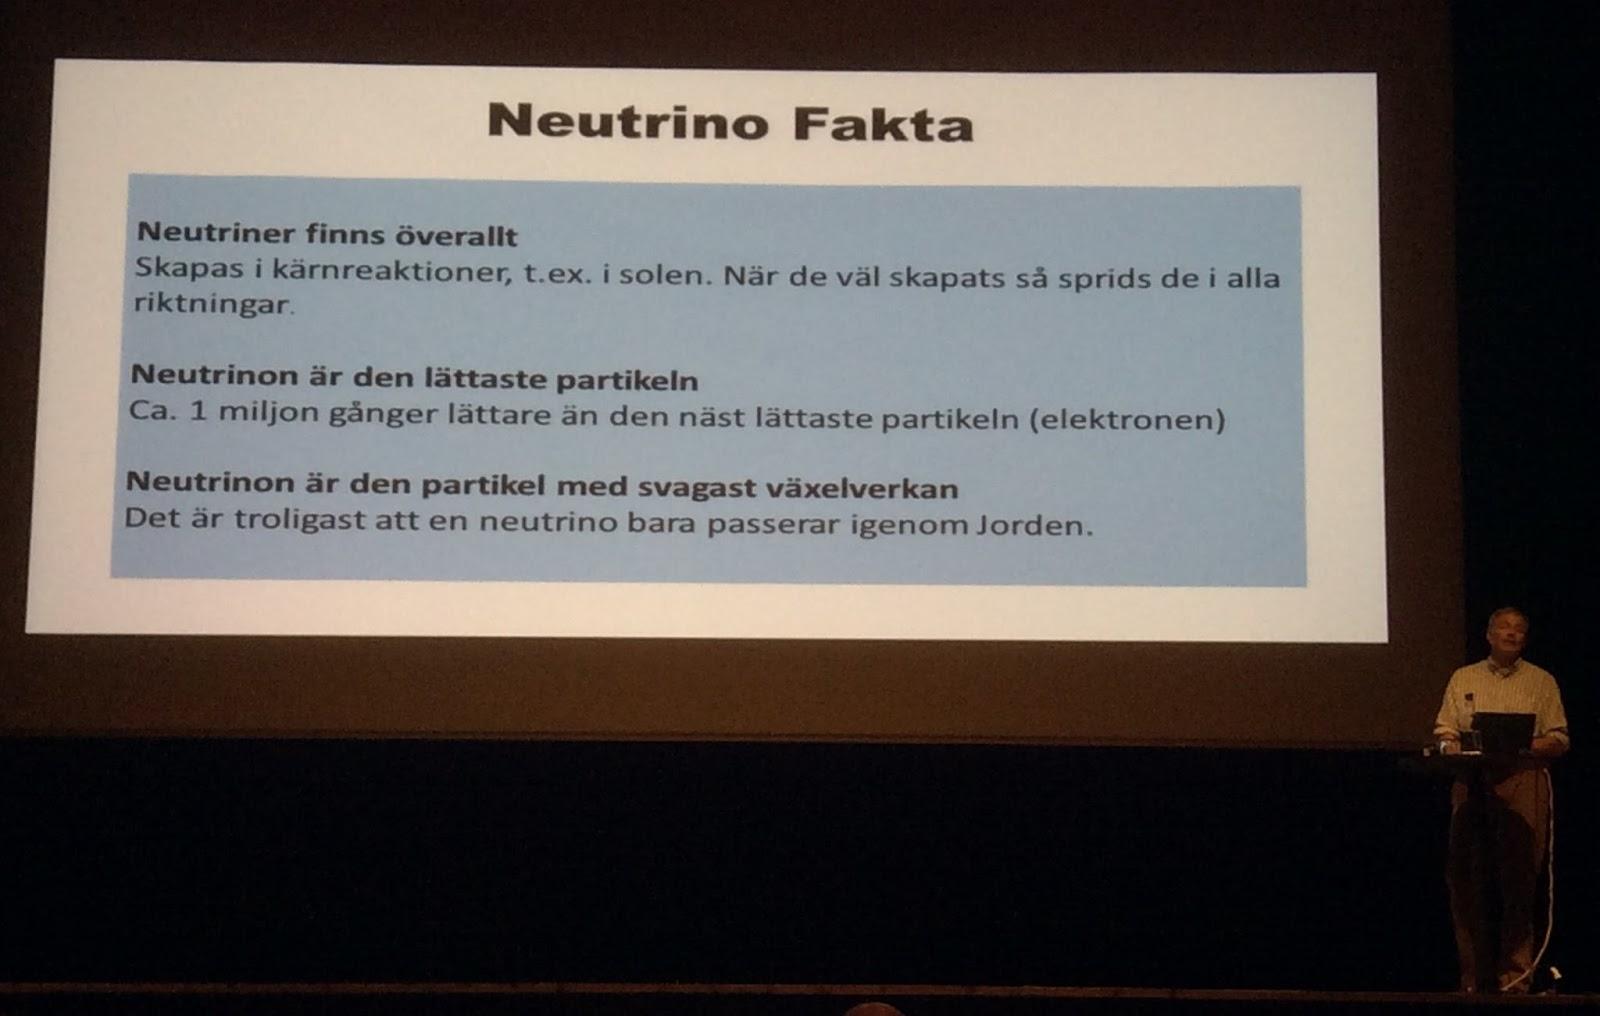 forskning omkring neutrinoer